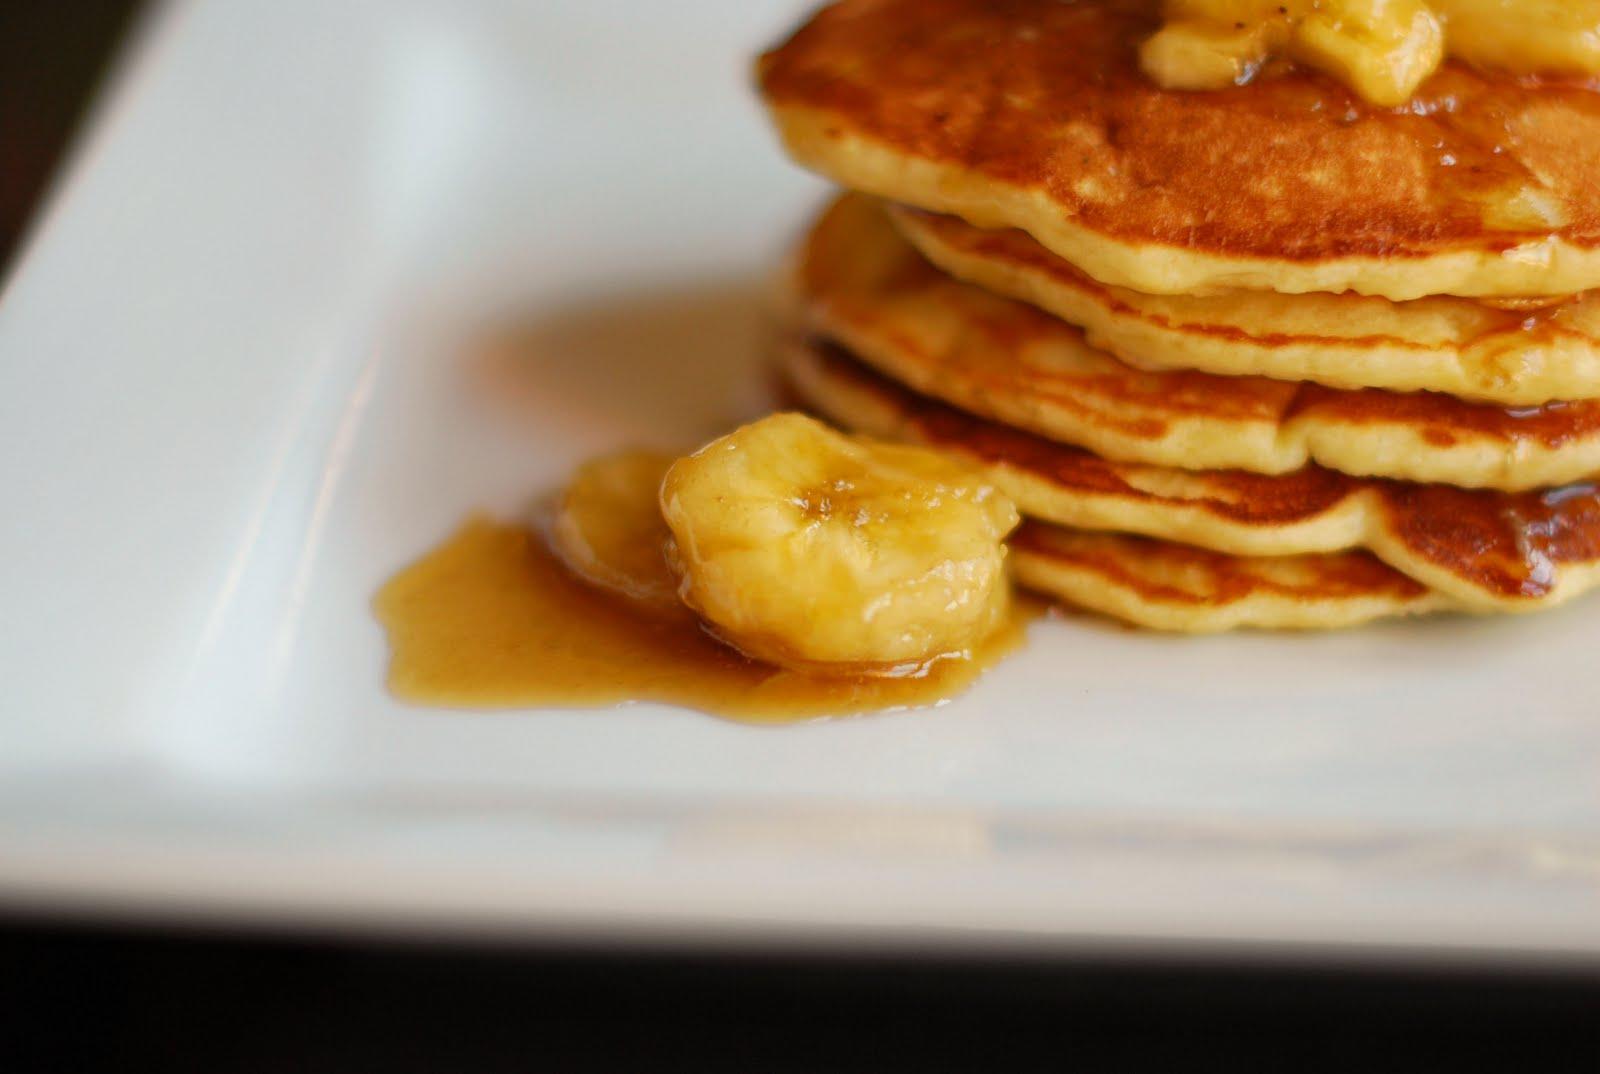 Luke, I Am Your Father: Makin' Banana Pancakes